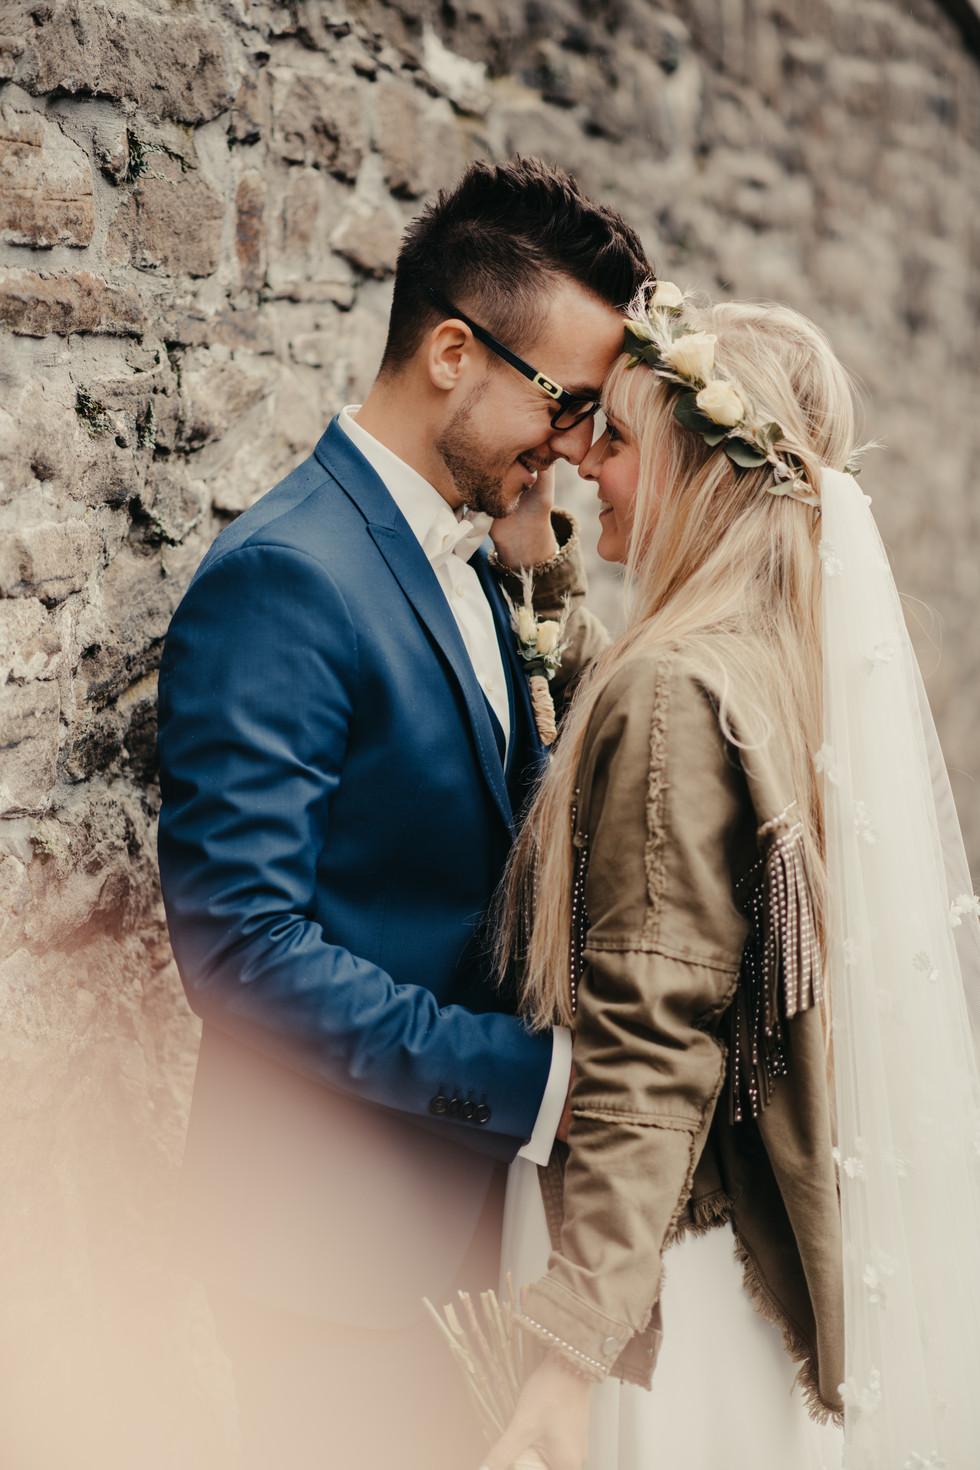 V&J_After_Wedding_237.jpg